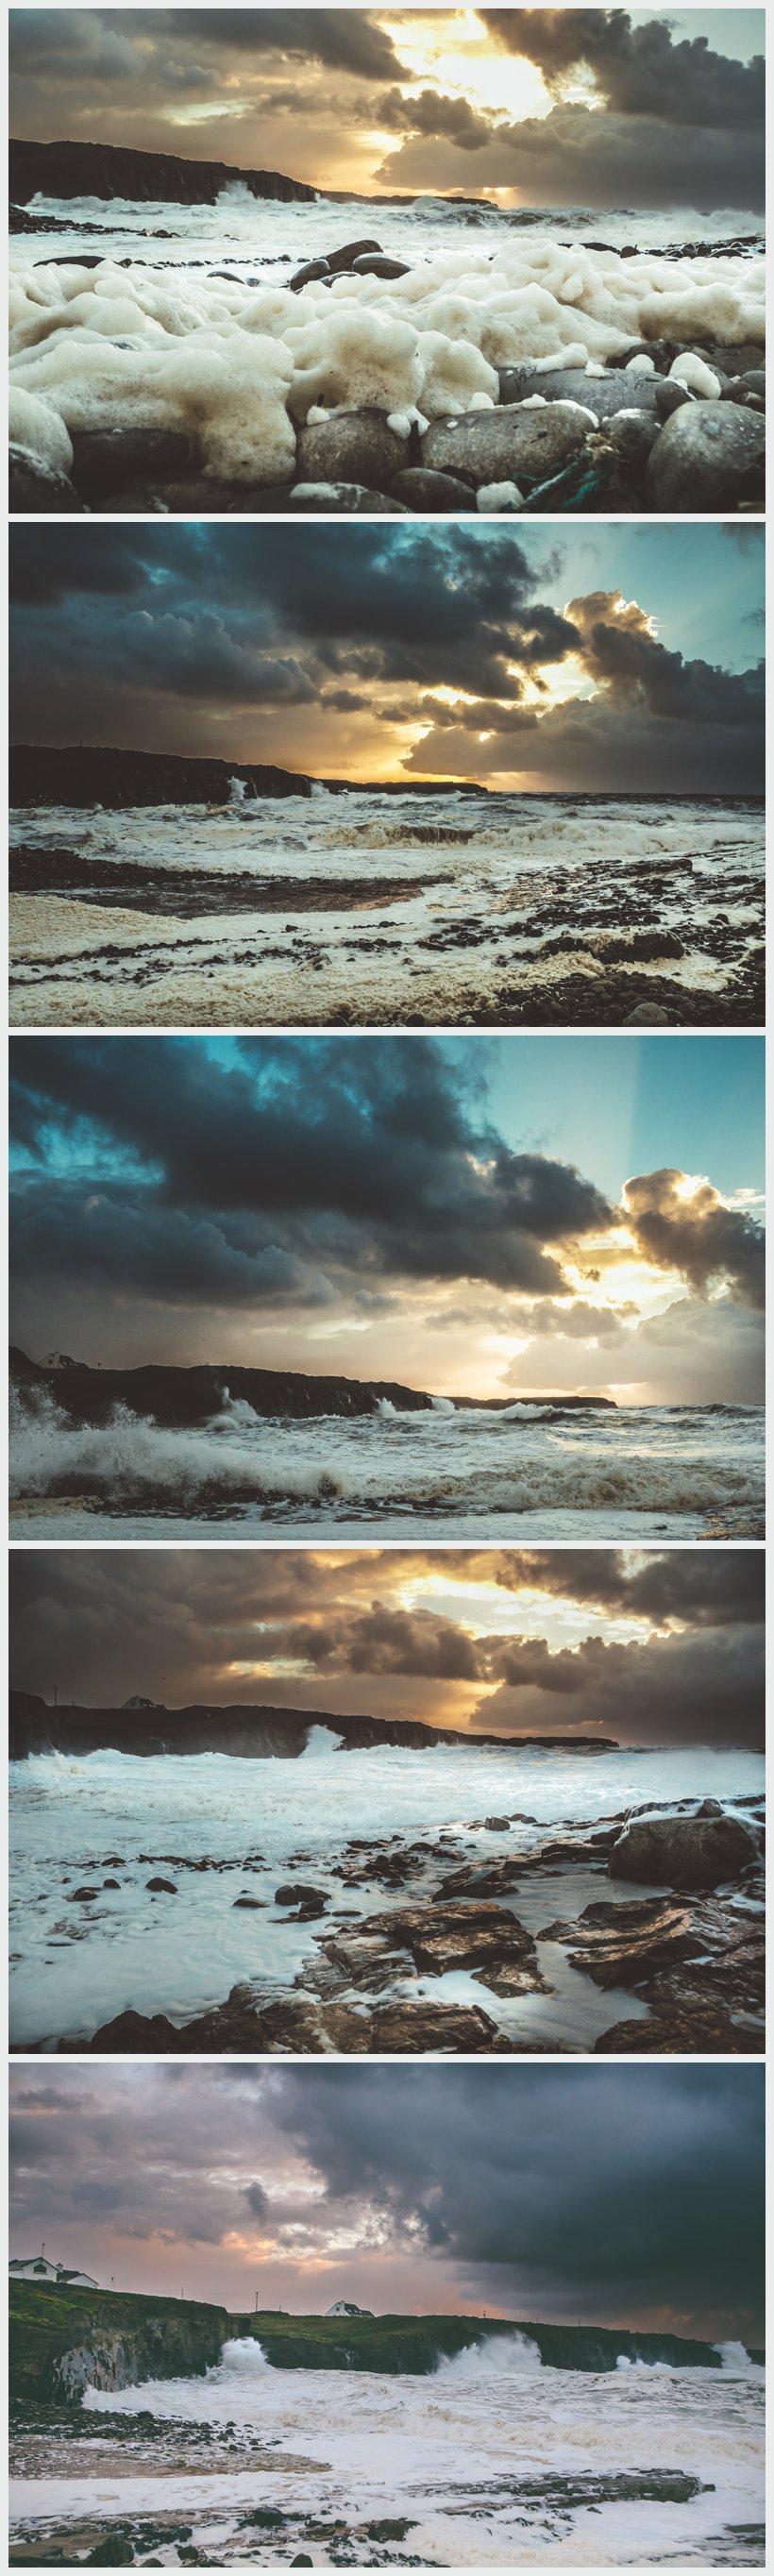 2014-11-11_0004.jpg